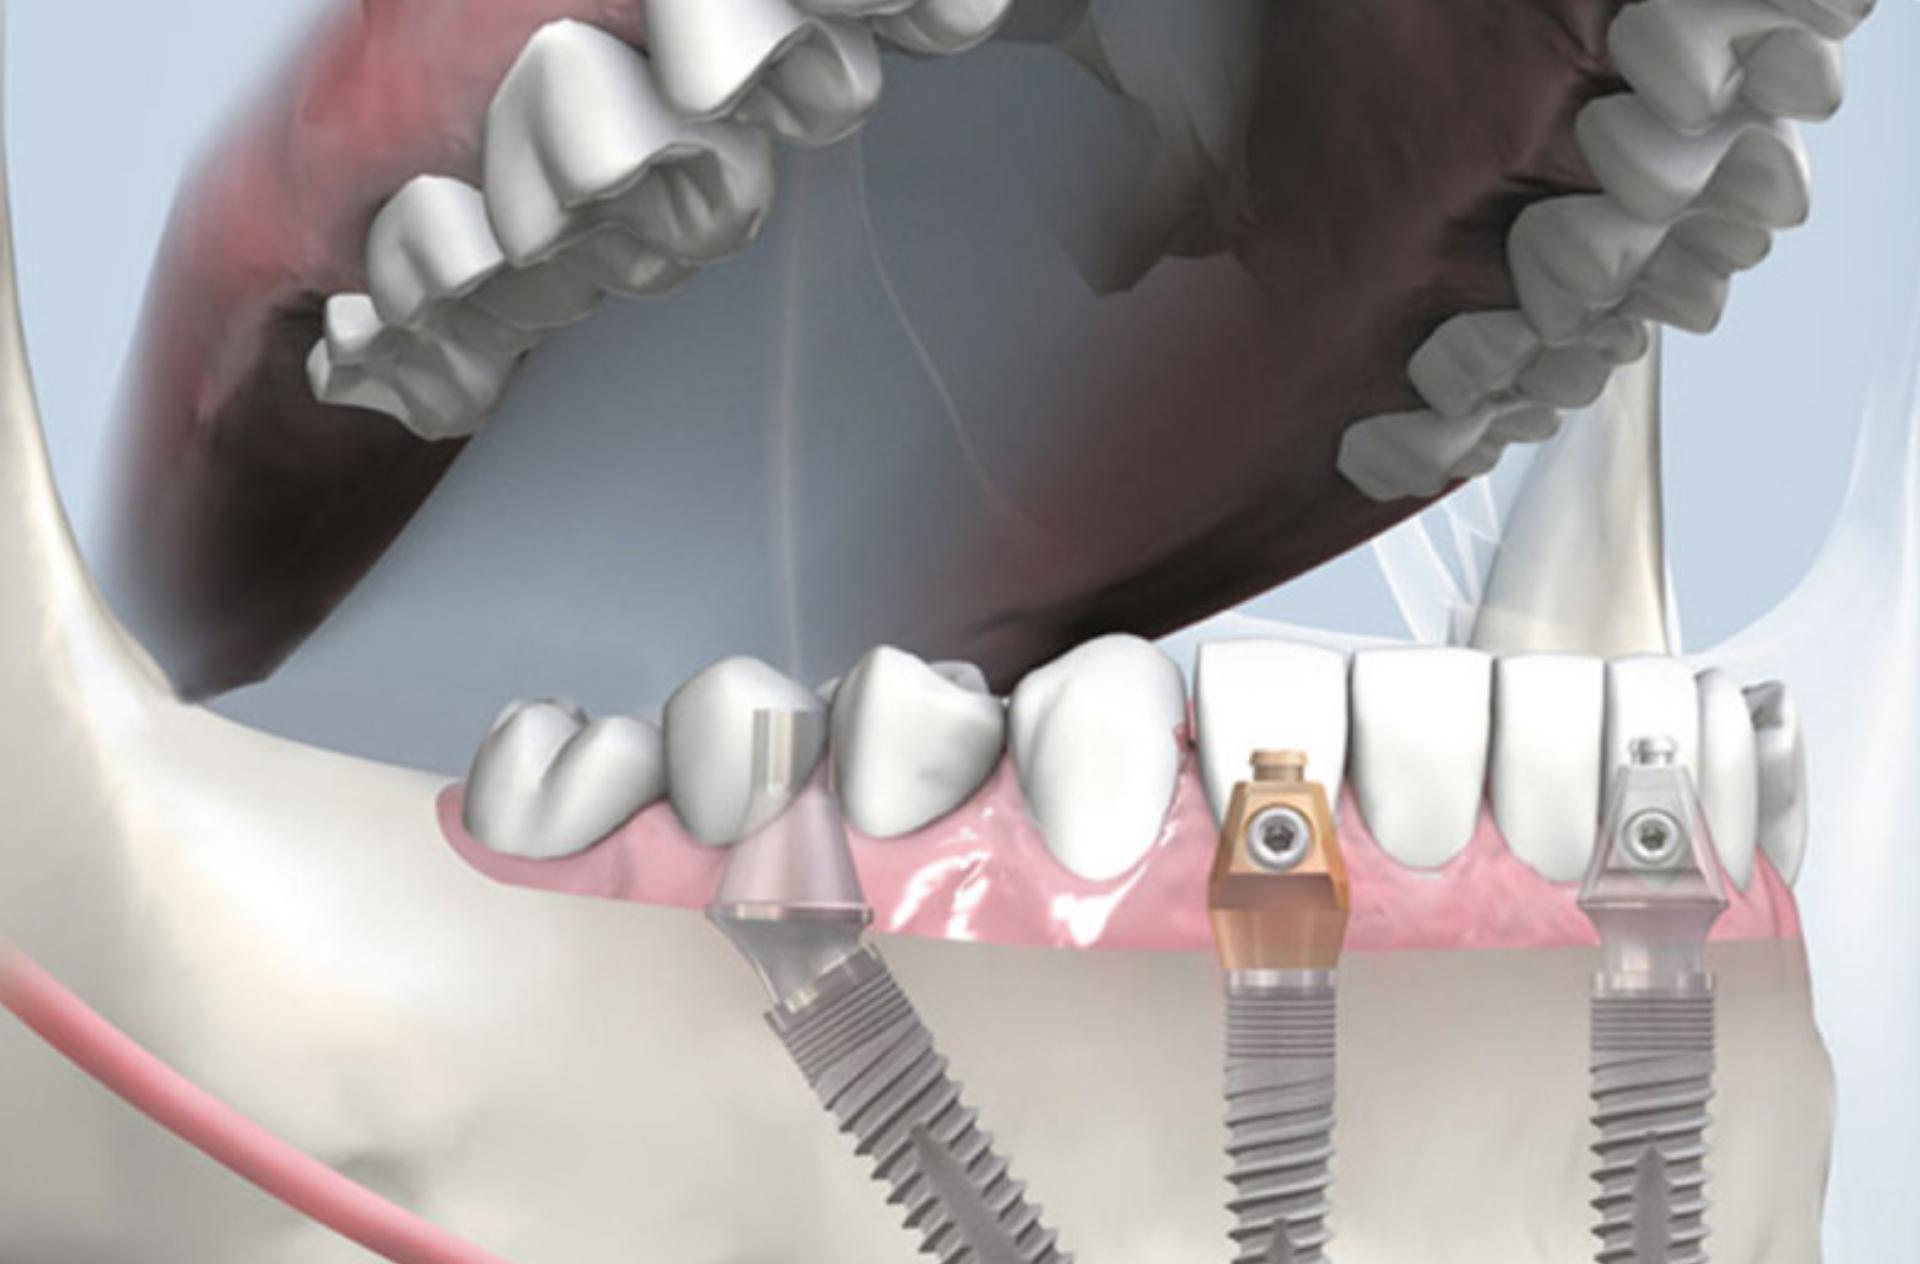 Bredent implant insertion